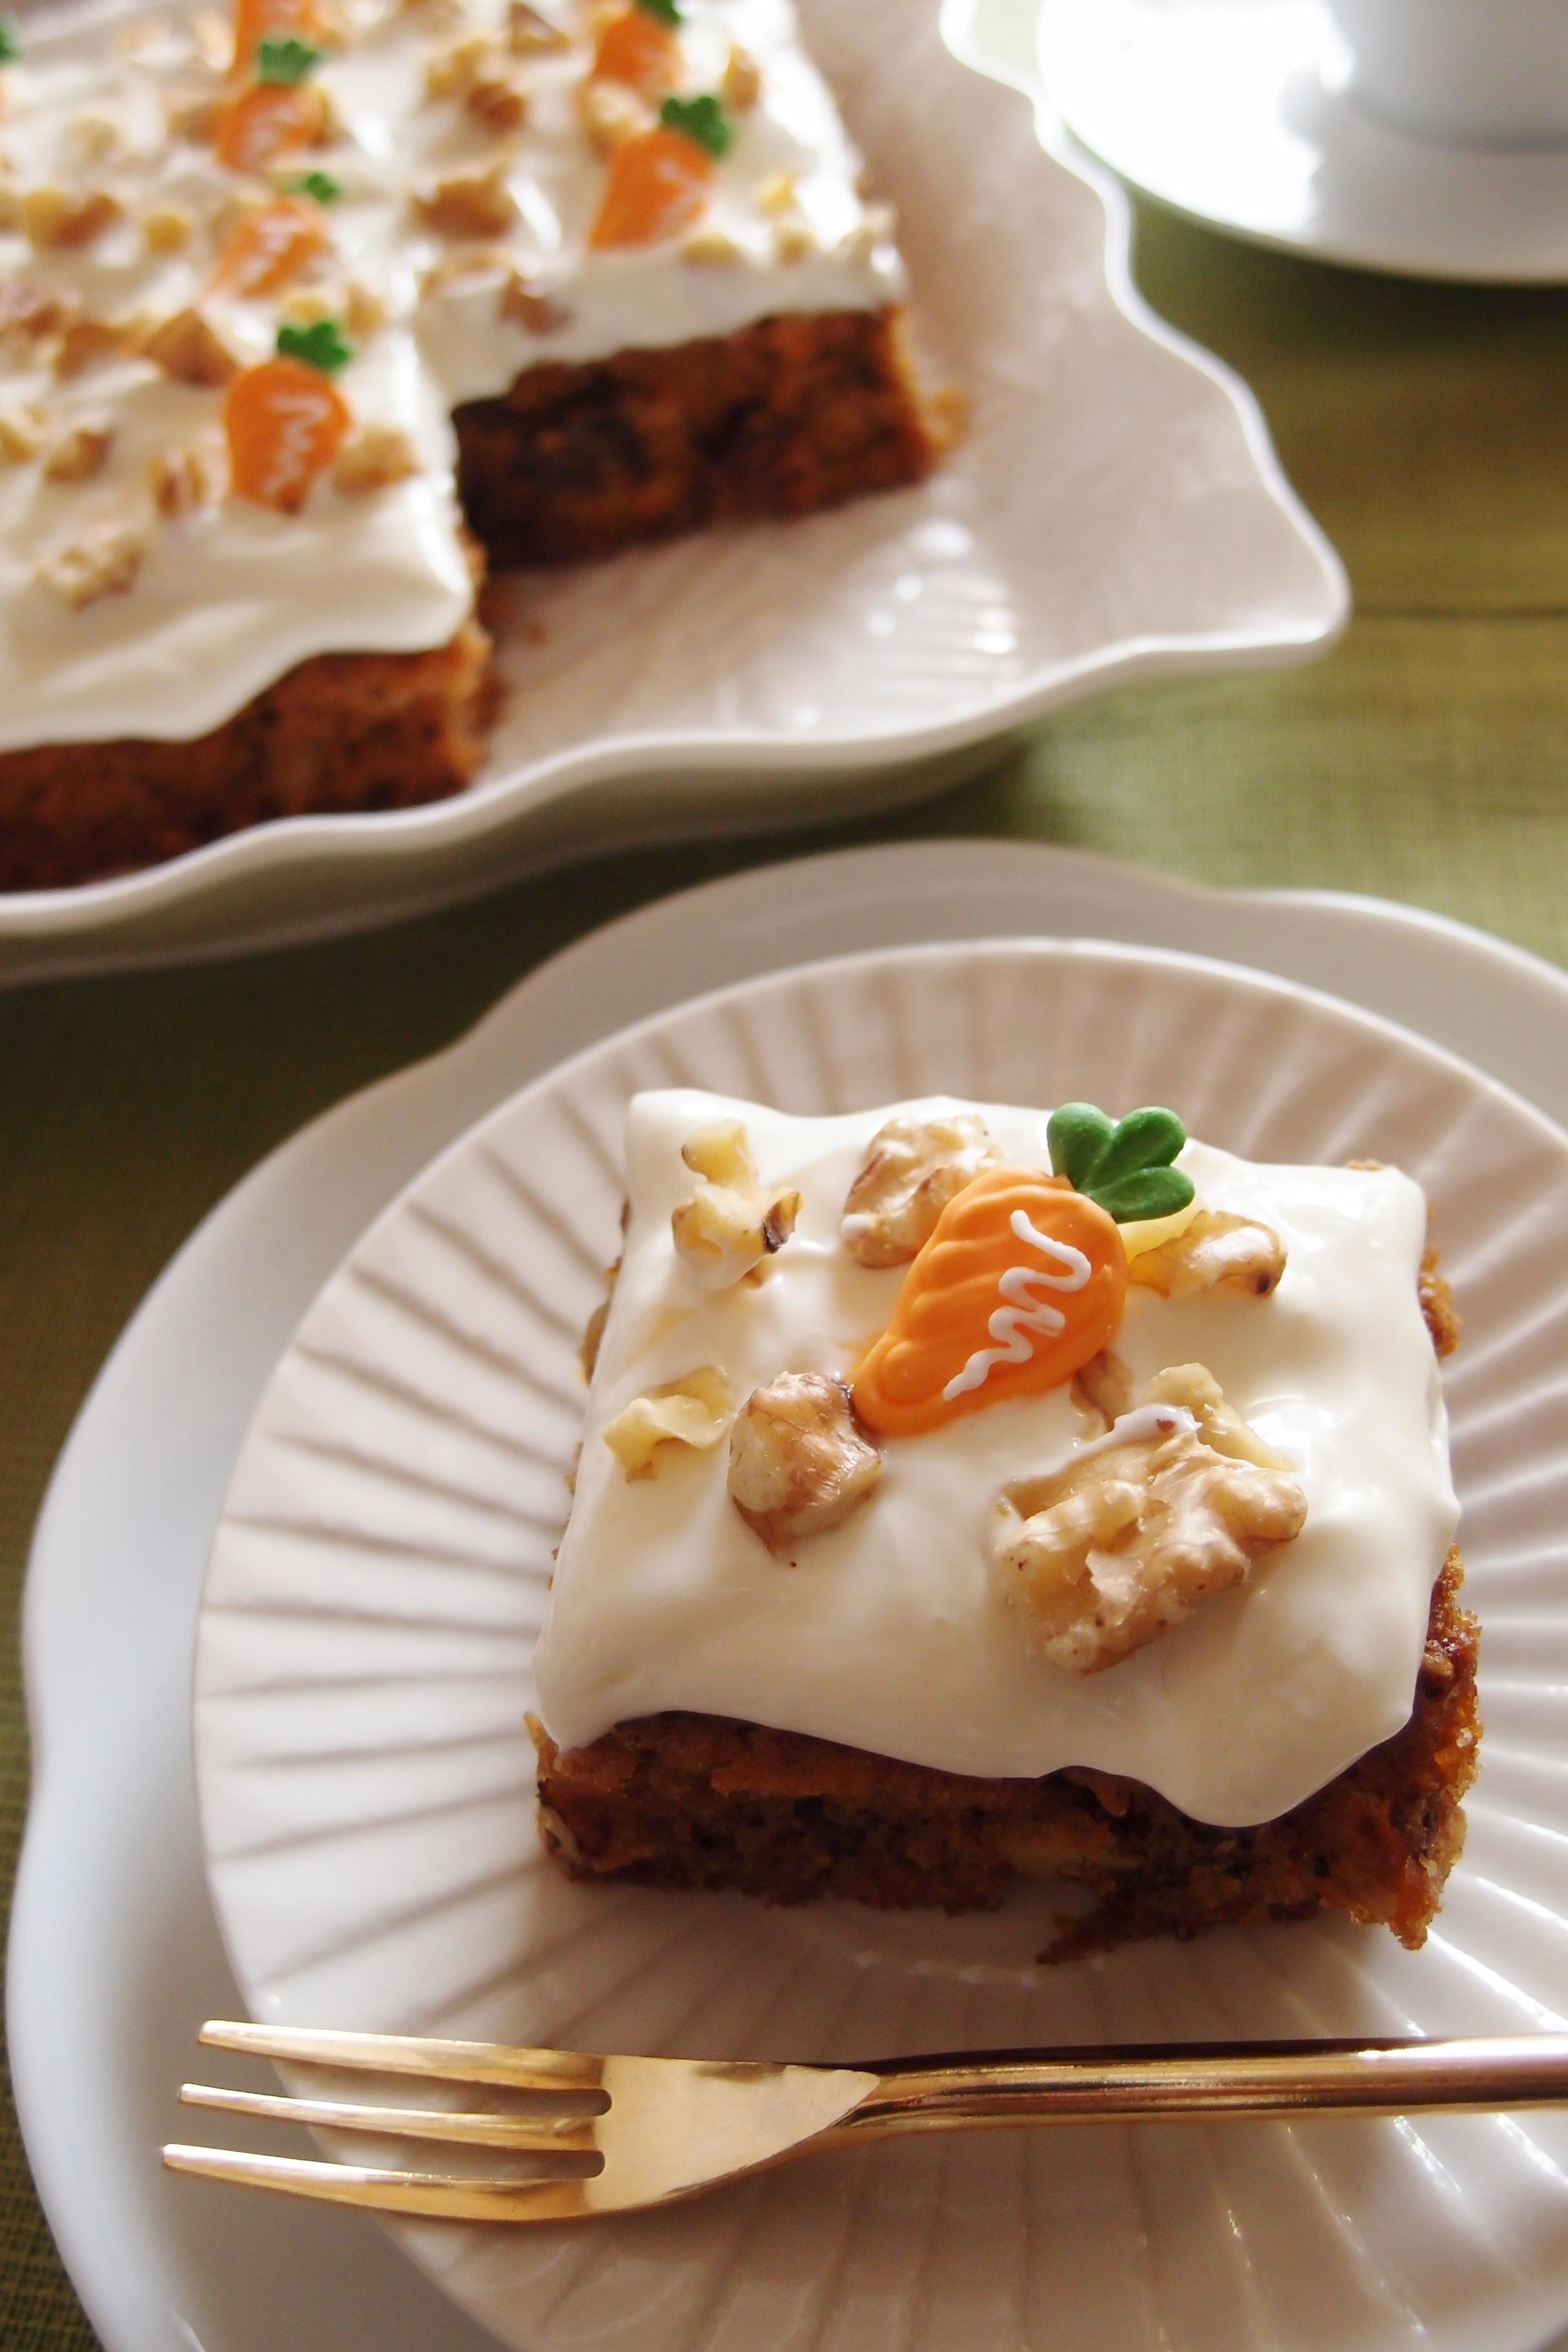 キャロットケーキなのに、にんじんの味がしないのはどうして?